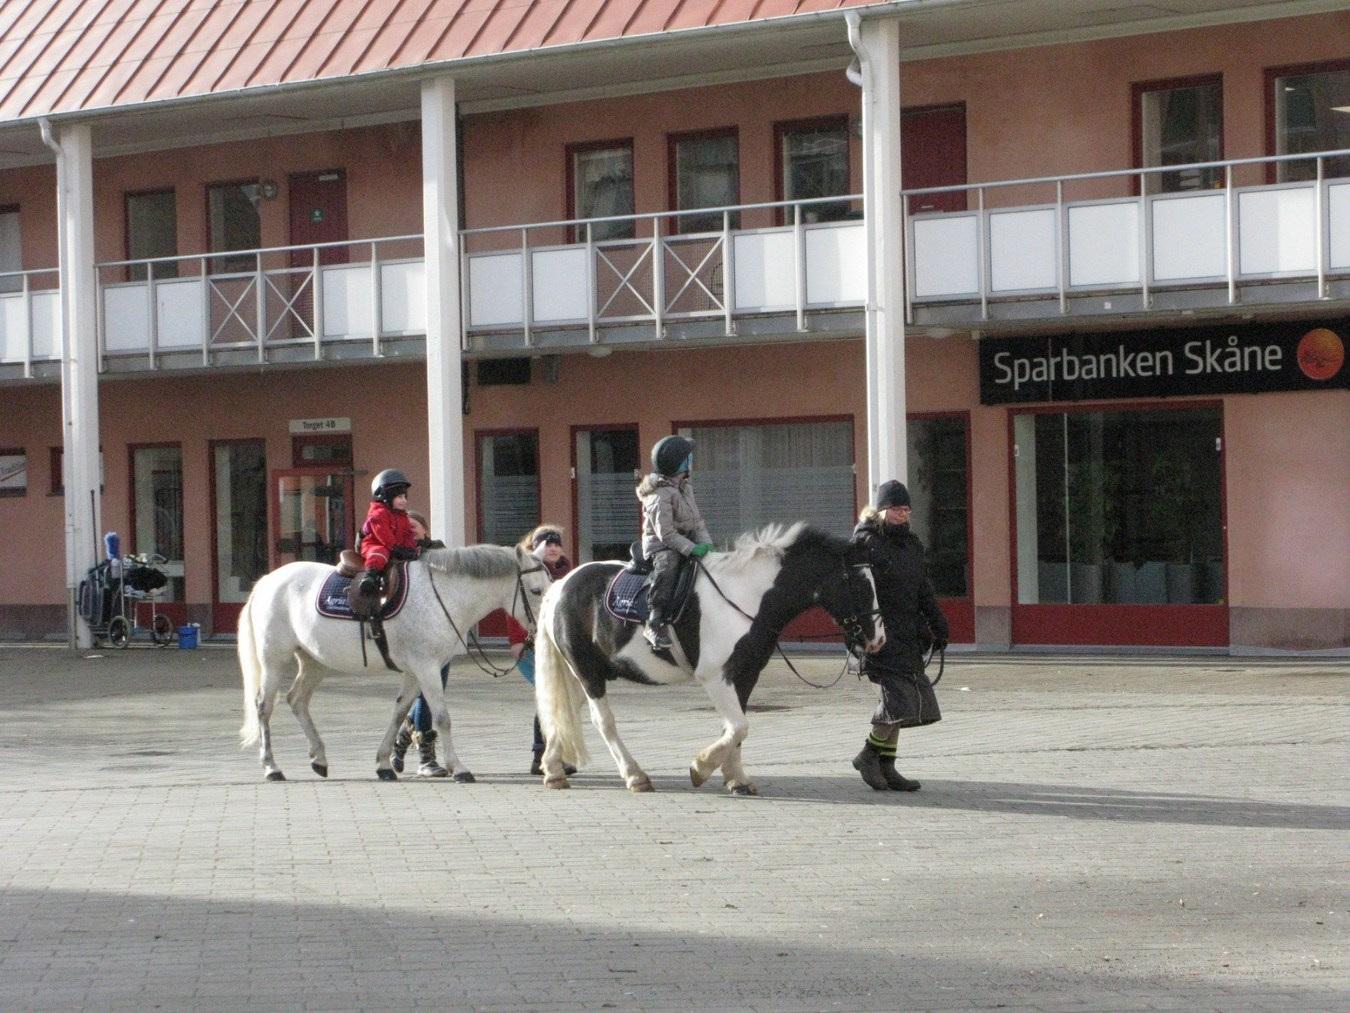 Gratis ponnyridning på Torget onsdag 20 februari kl 10-12